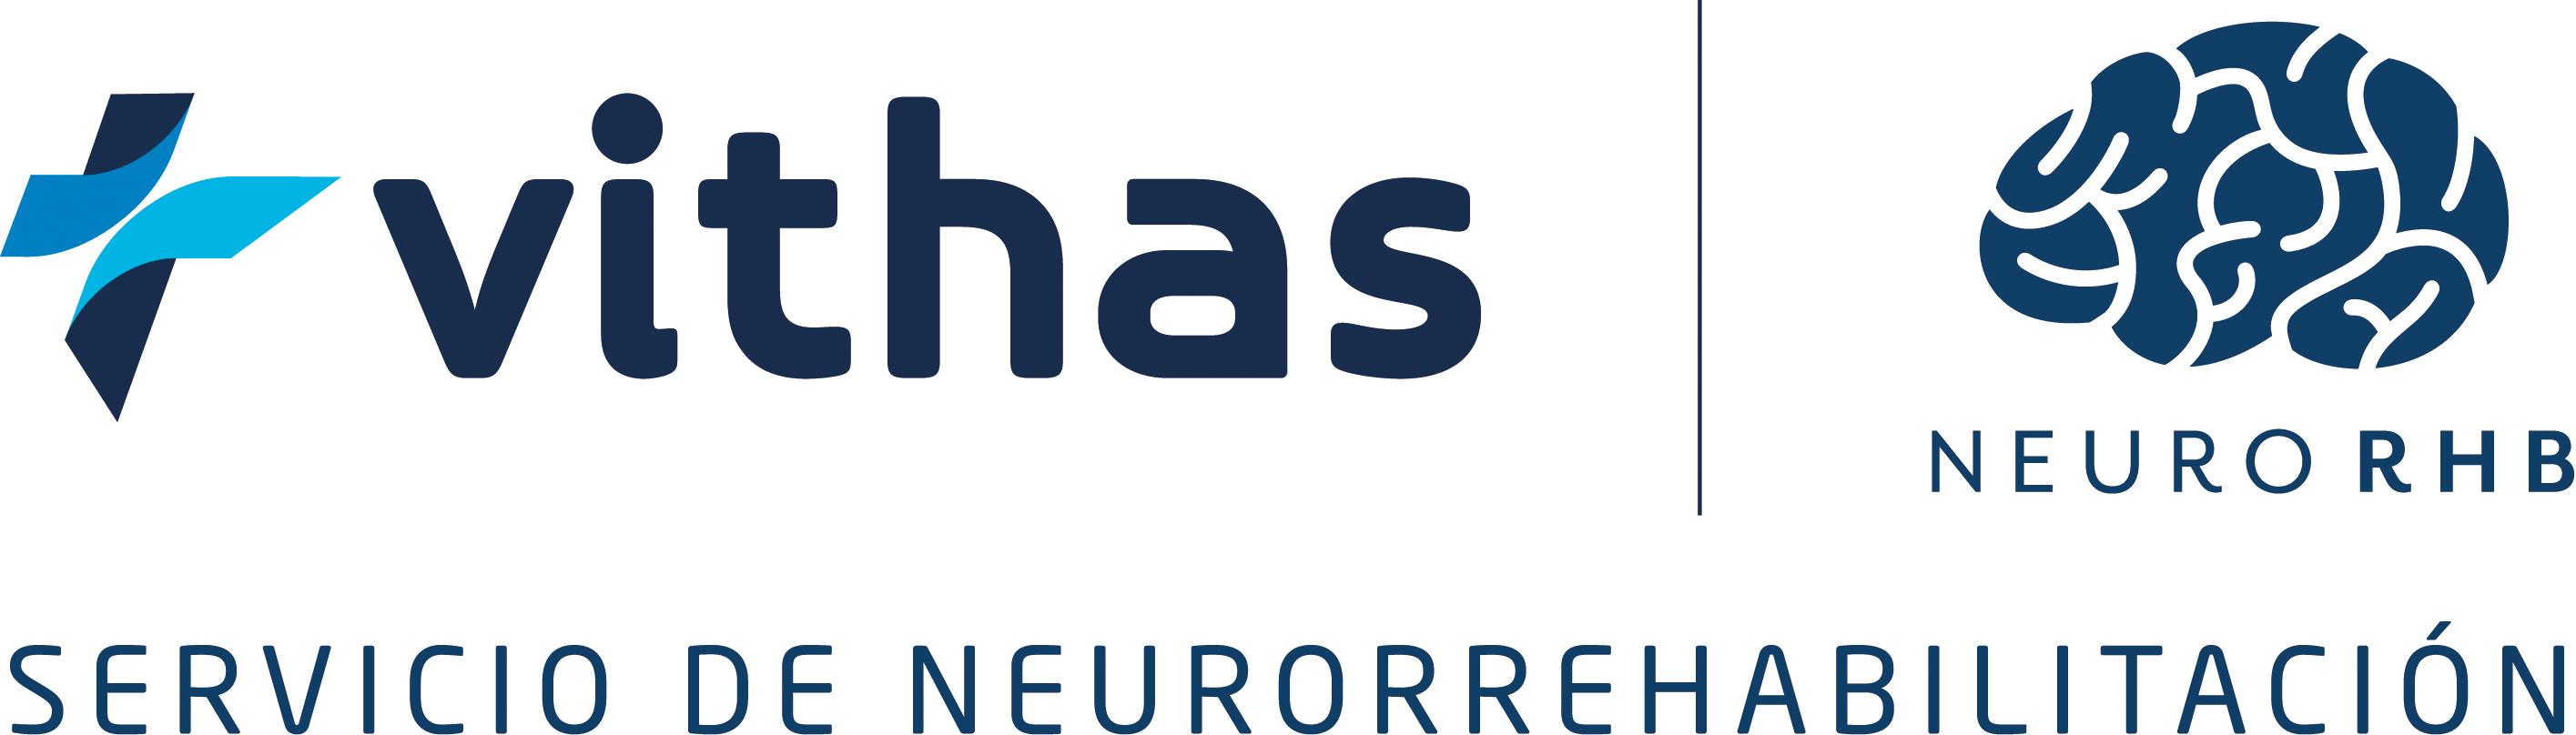 Neurorhb Vithas